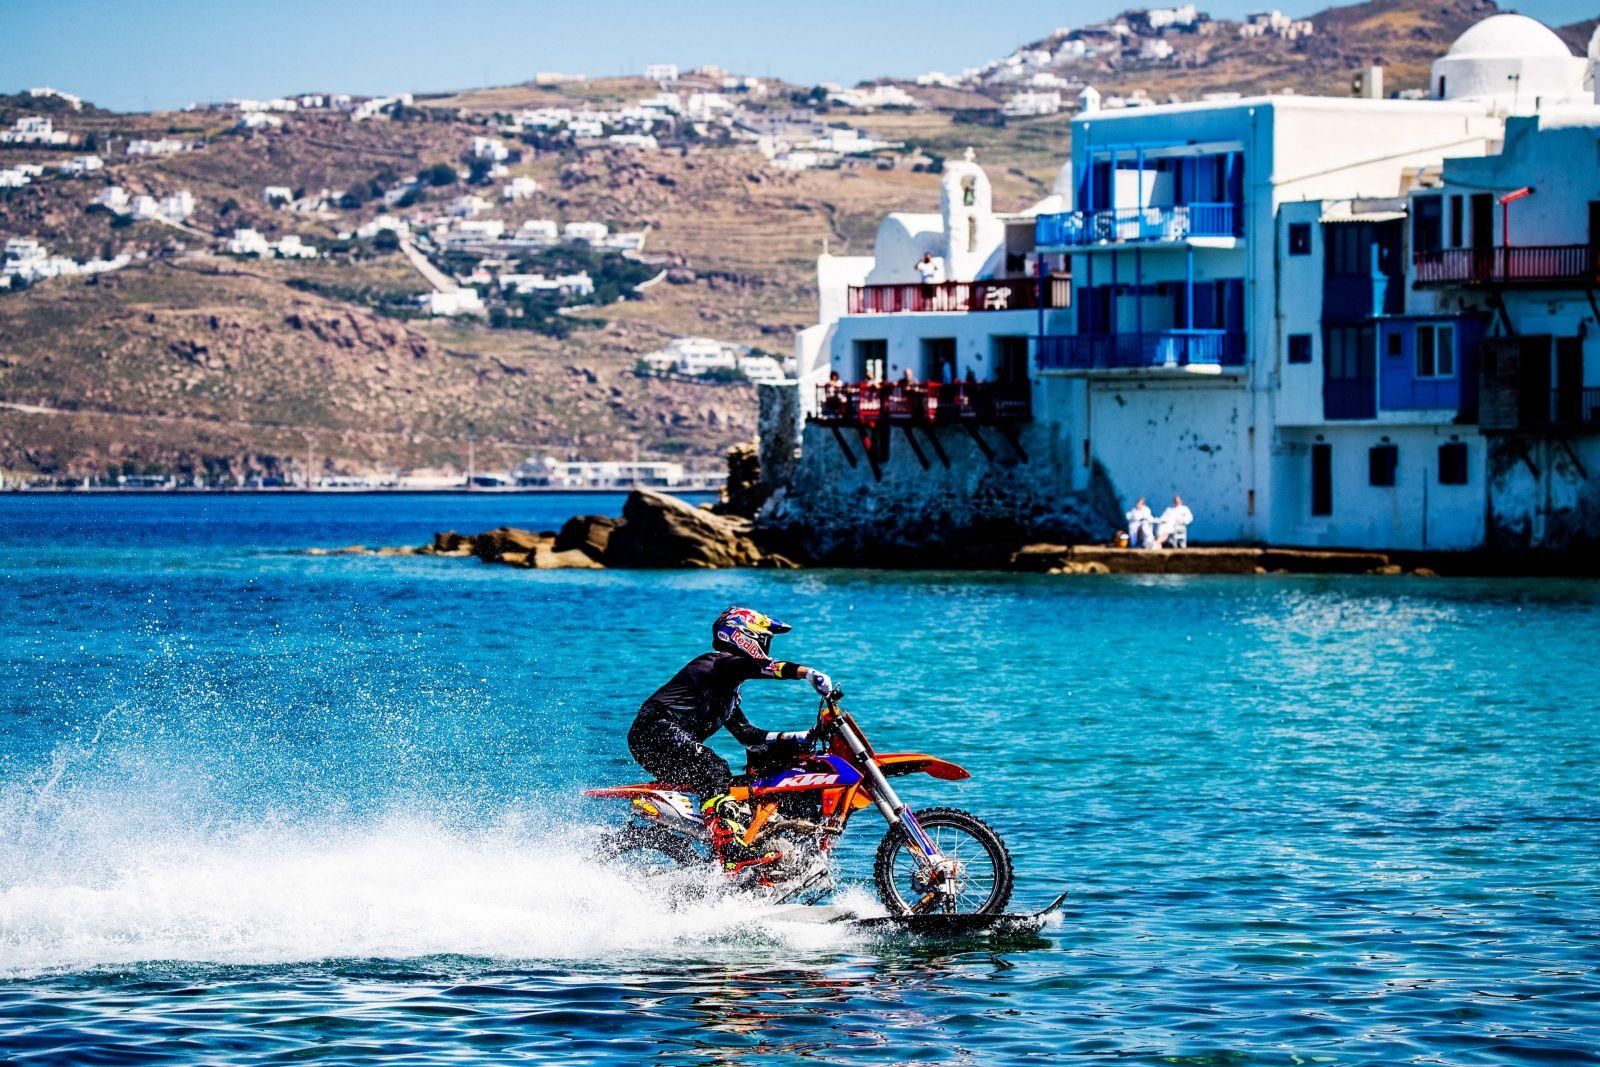 O Robbie Maddison οδηγεί τη μοτοσυκλέτα του μέσα στη θάλασσα της Μυκόνου!